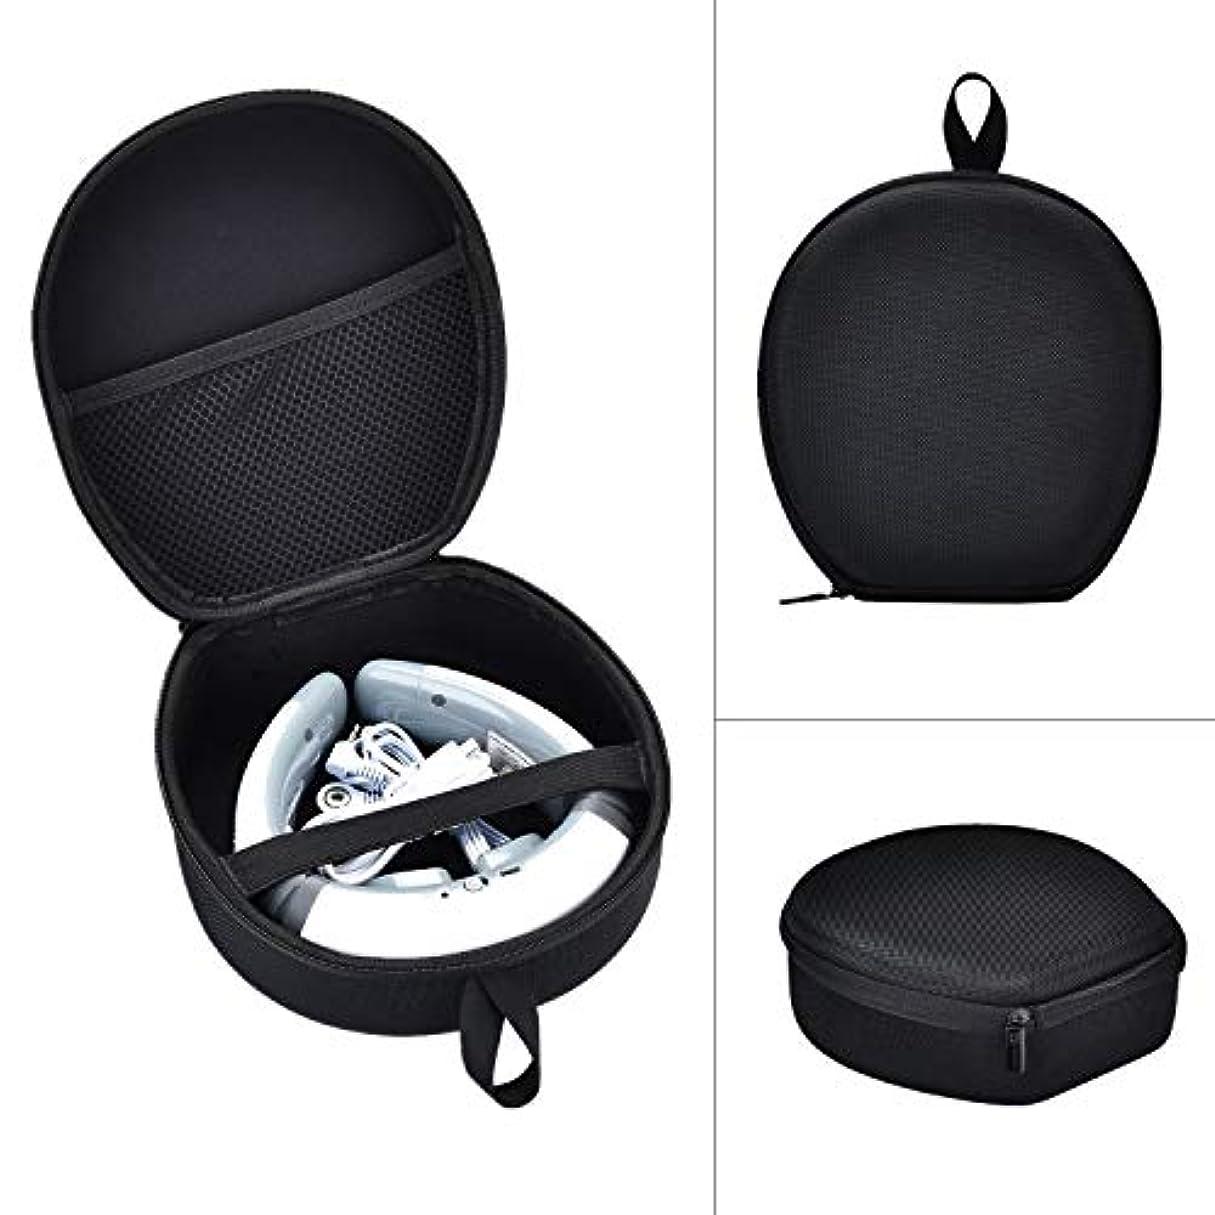 首マッサージャー 収納ケースFor SQIAO ネックマッサージャー マッサージ 保護ボックス (ブラック)